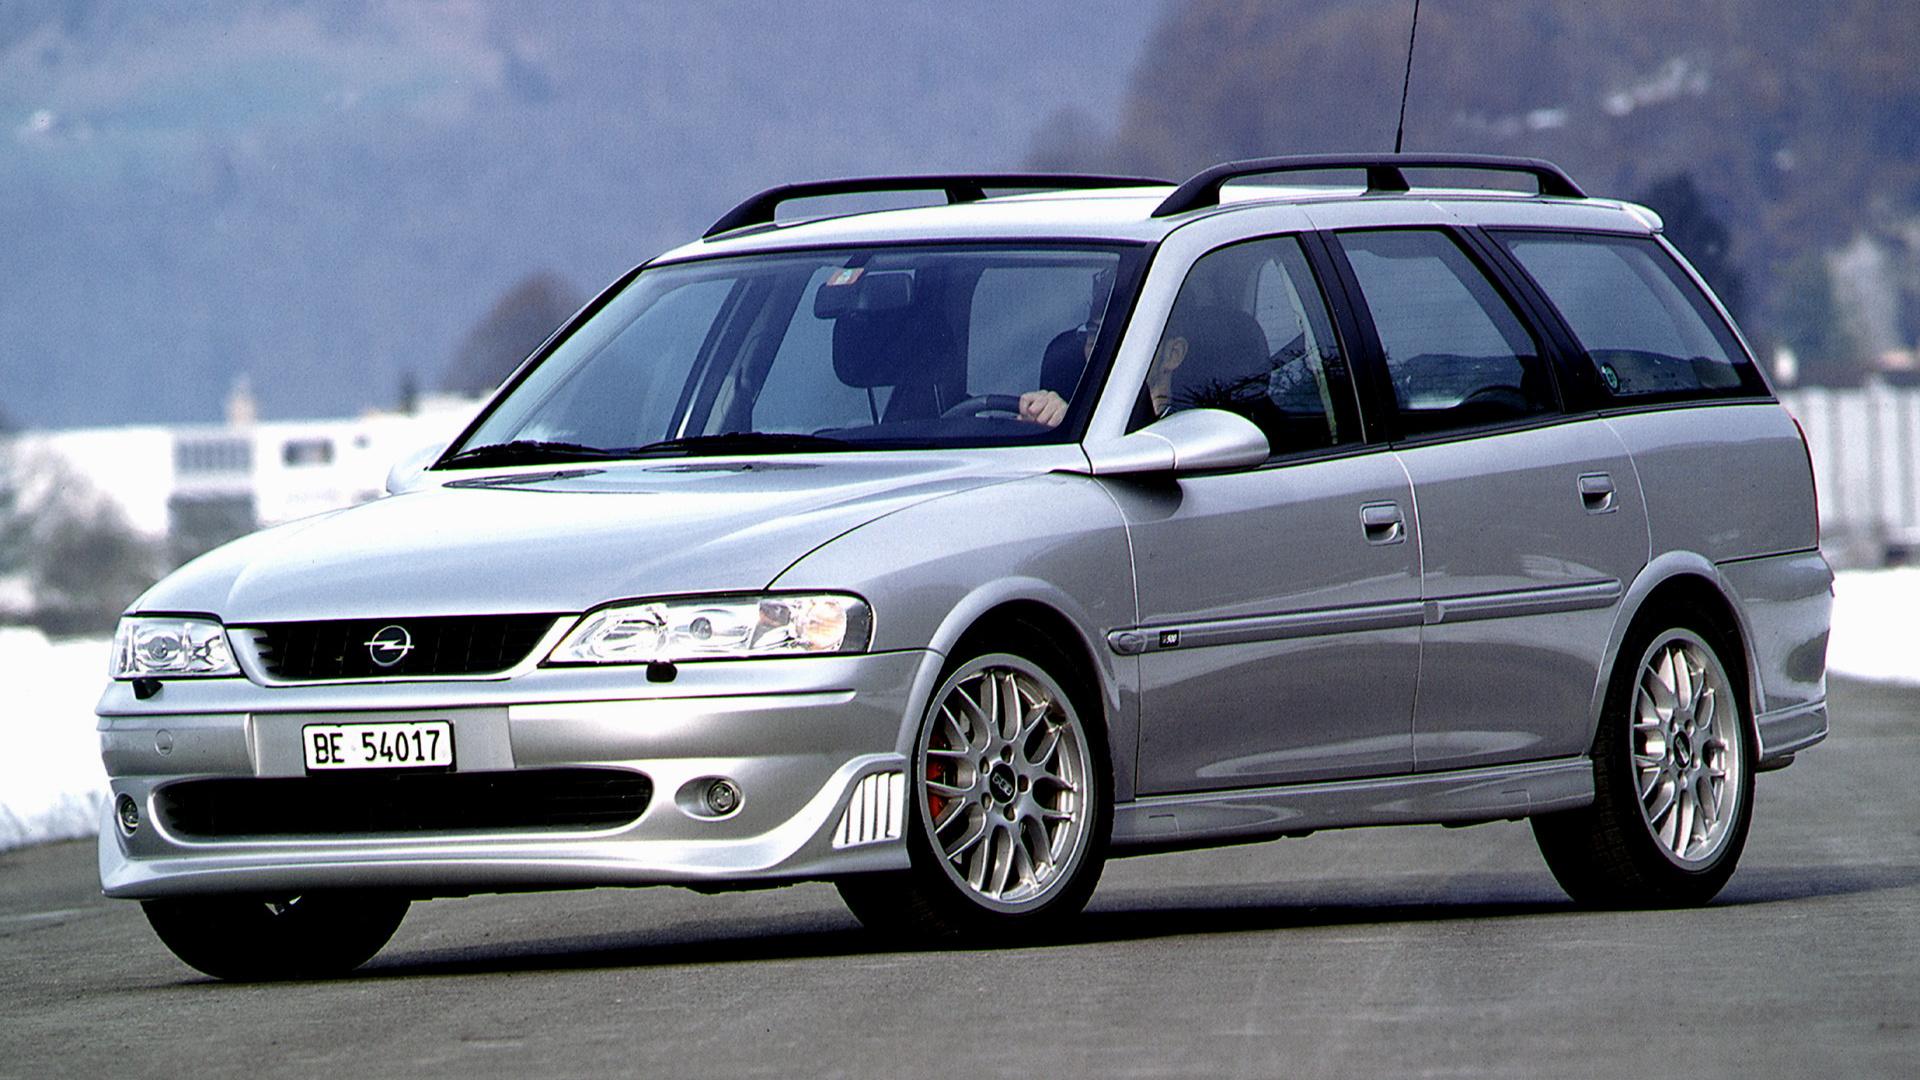 1999 Opel Vectra i500 Caravan   Wallpapers and HD Images Car Pixel 1920x1080